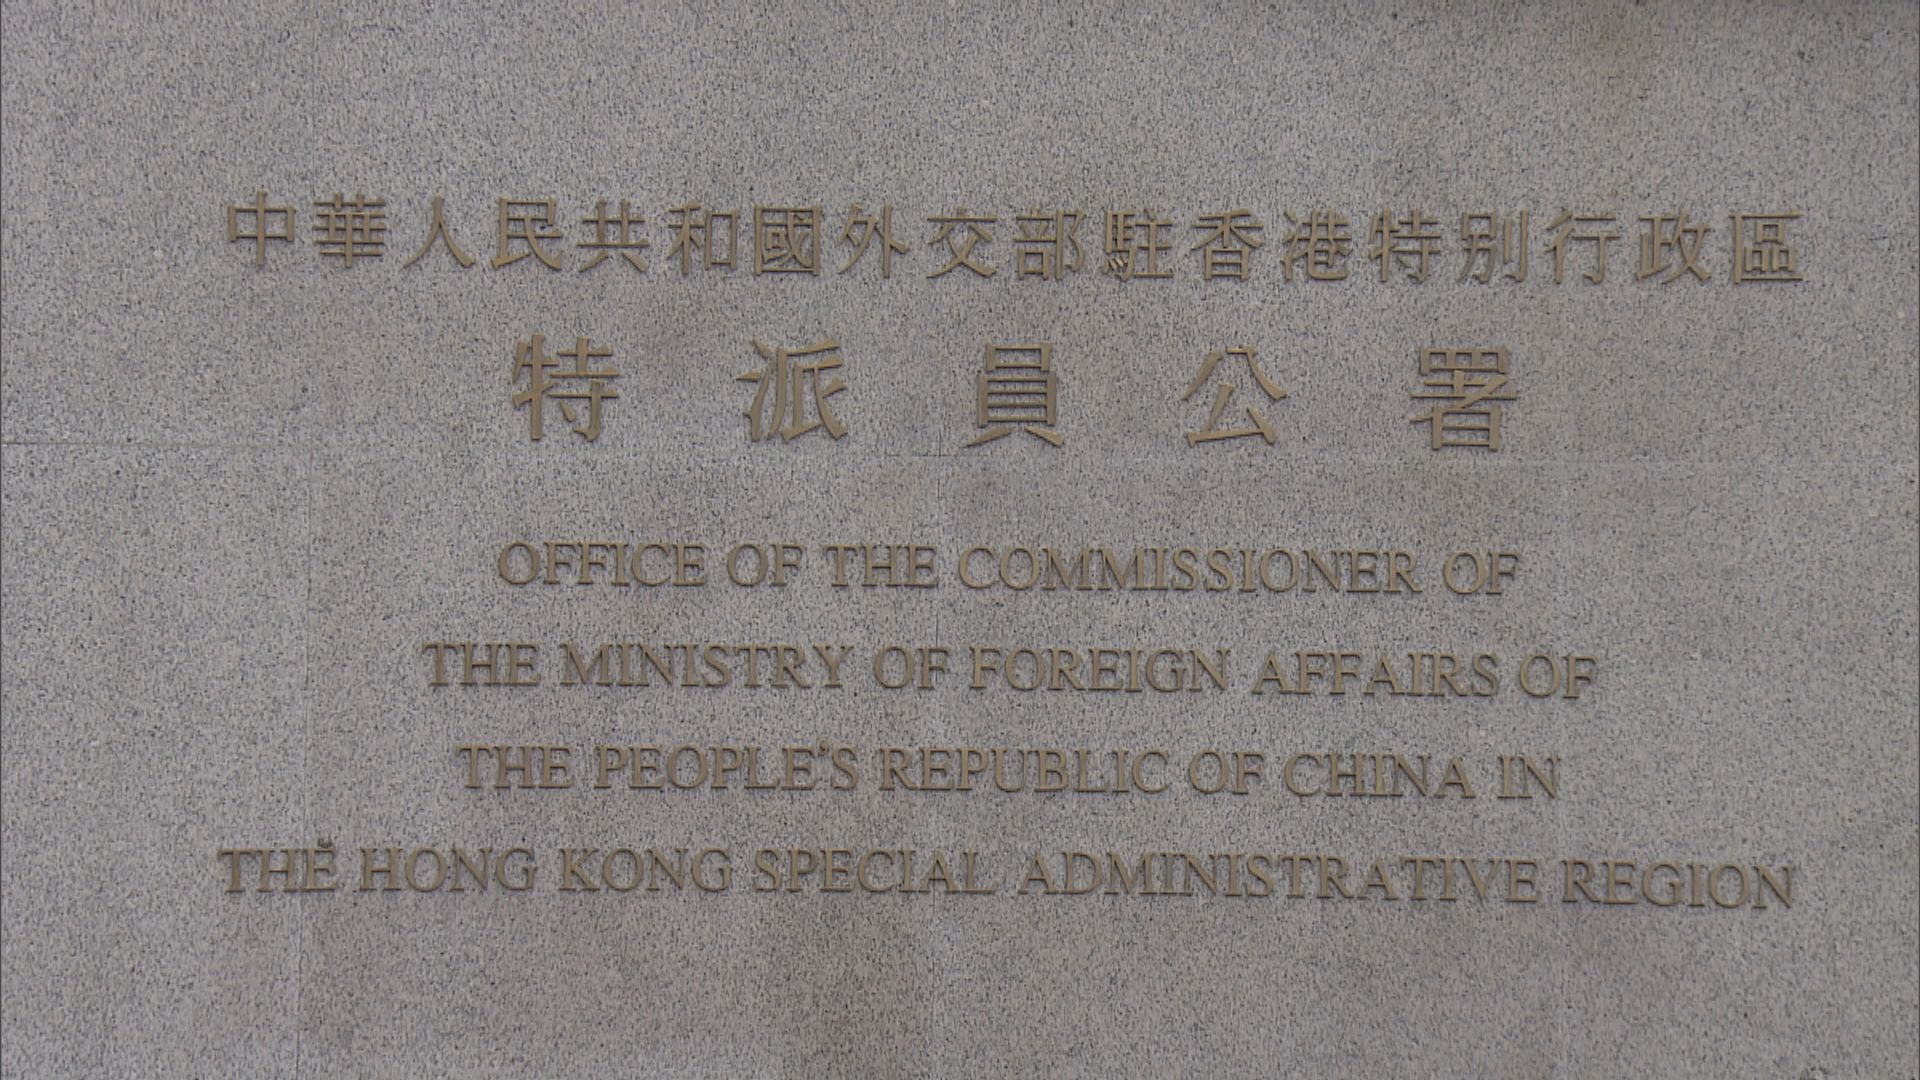 美國延長就本港局勢頒布的國家緊急狀態 外交公署堅決反對